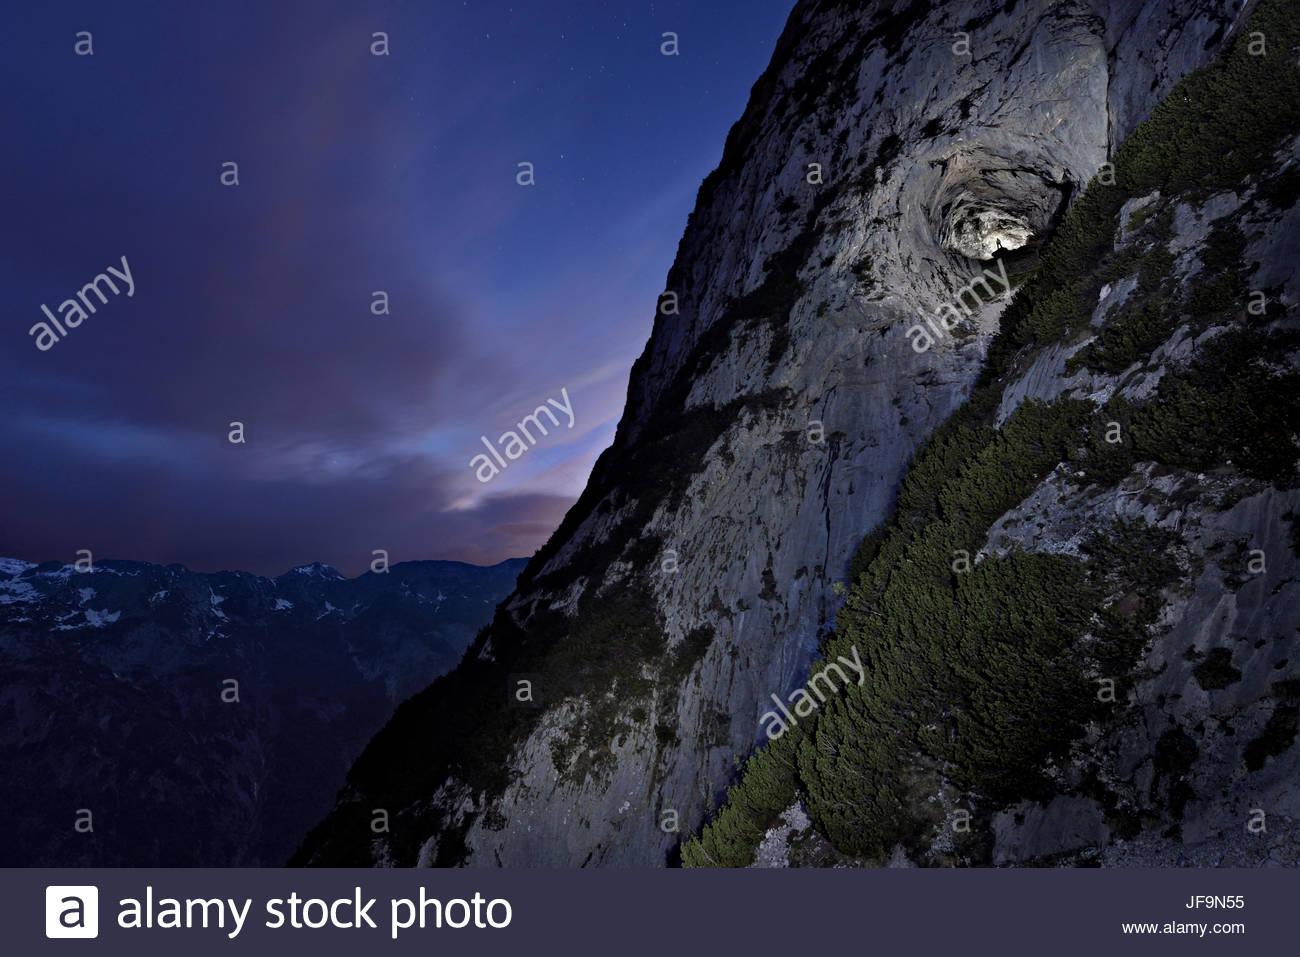 La entrada de Eisriesenwelt Eishoehle con los Alpes austríacos en la distancia. Imagen De Stock